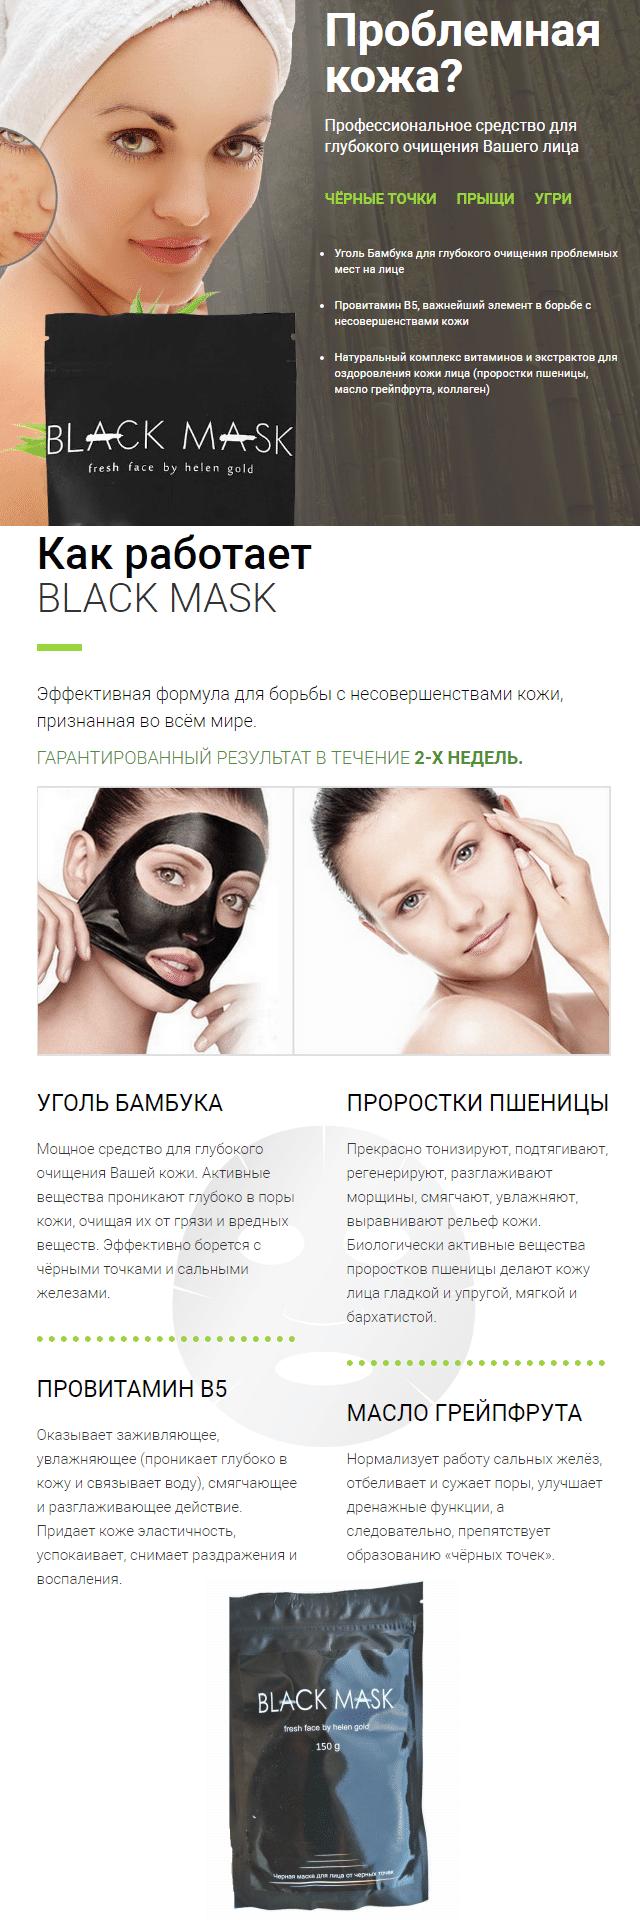 Домашняя и эффективная маска от черных точек